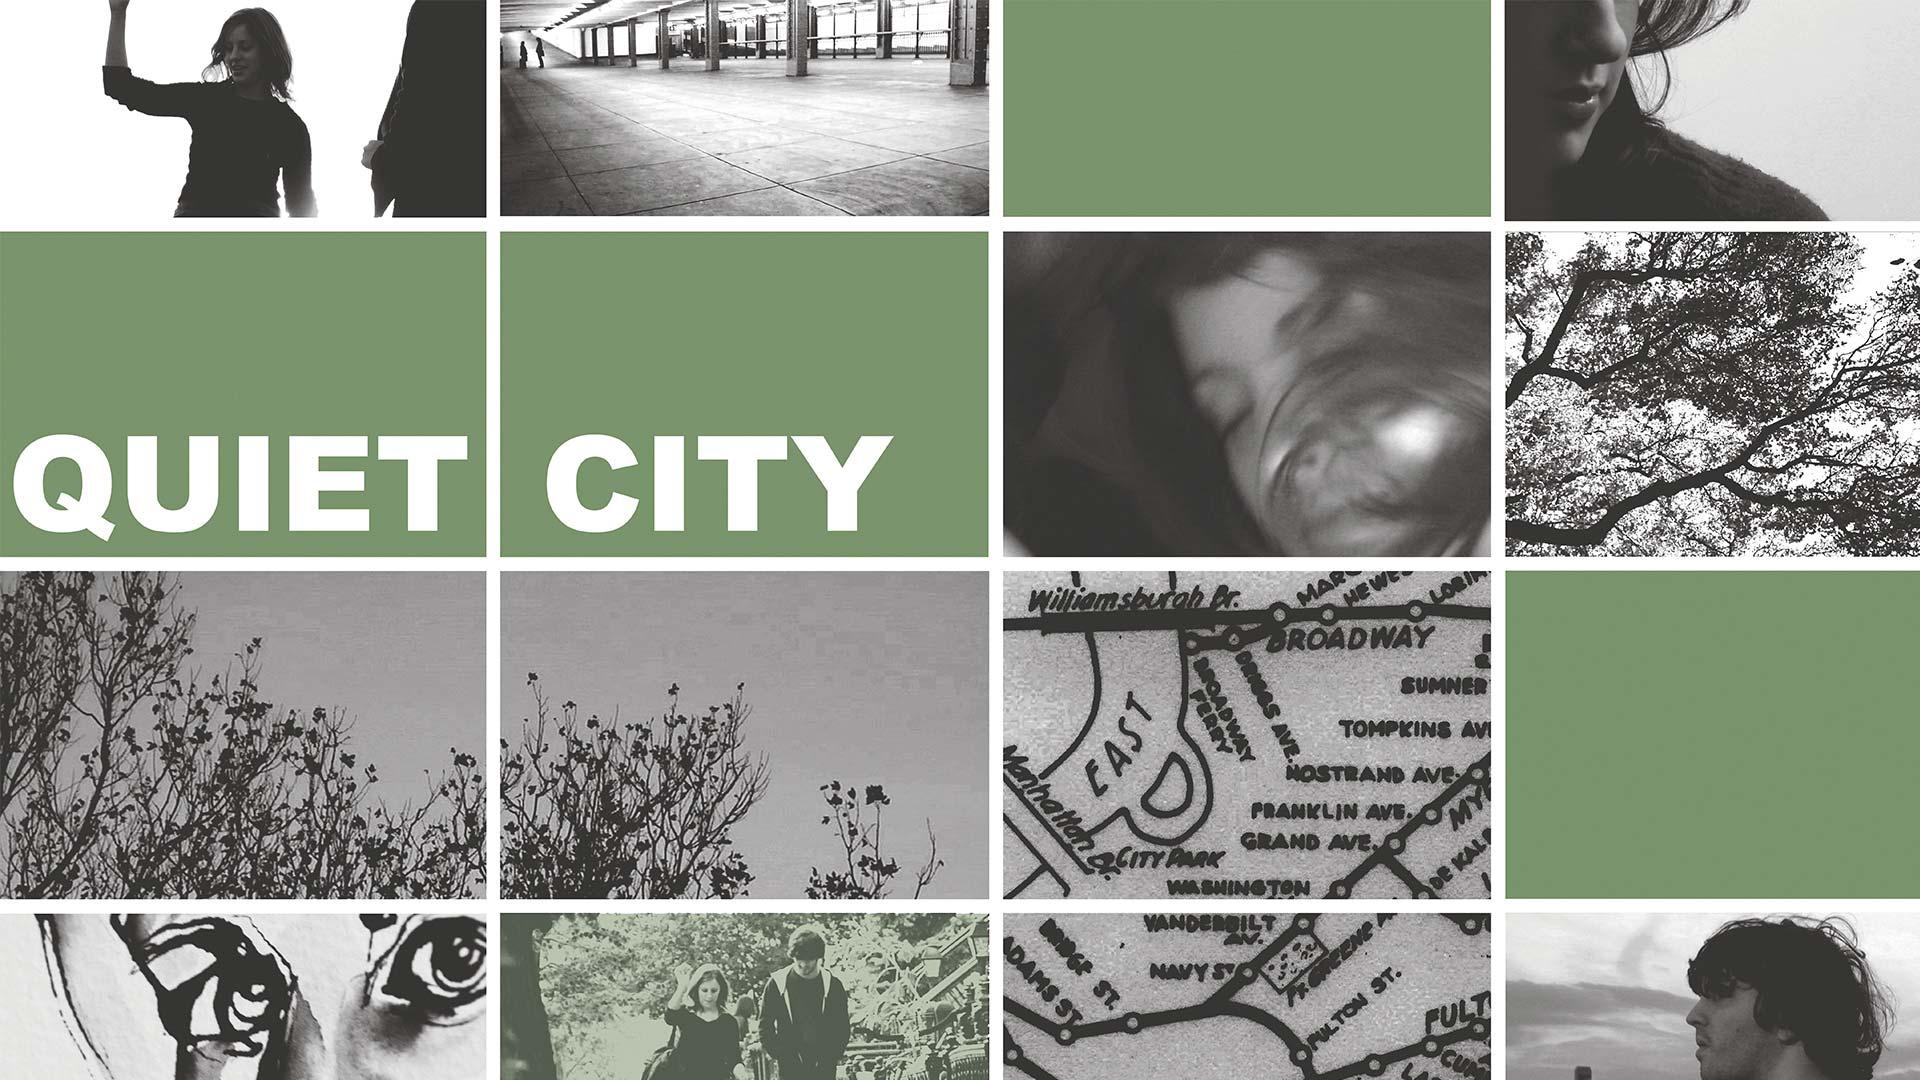 Quiet City - image